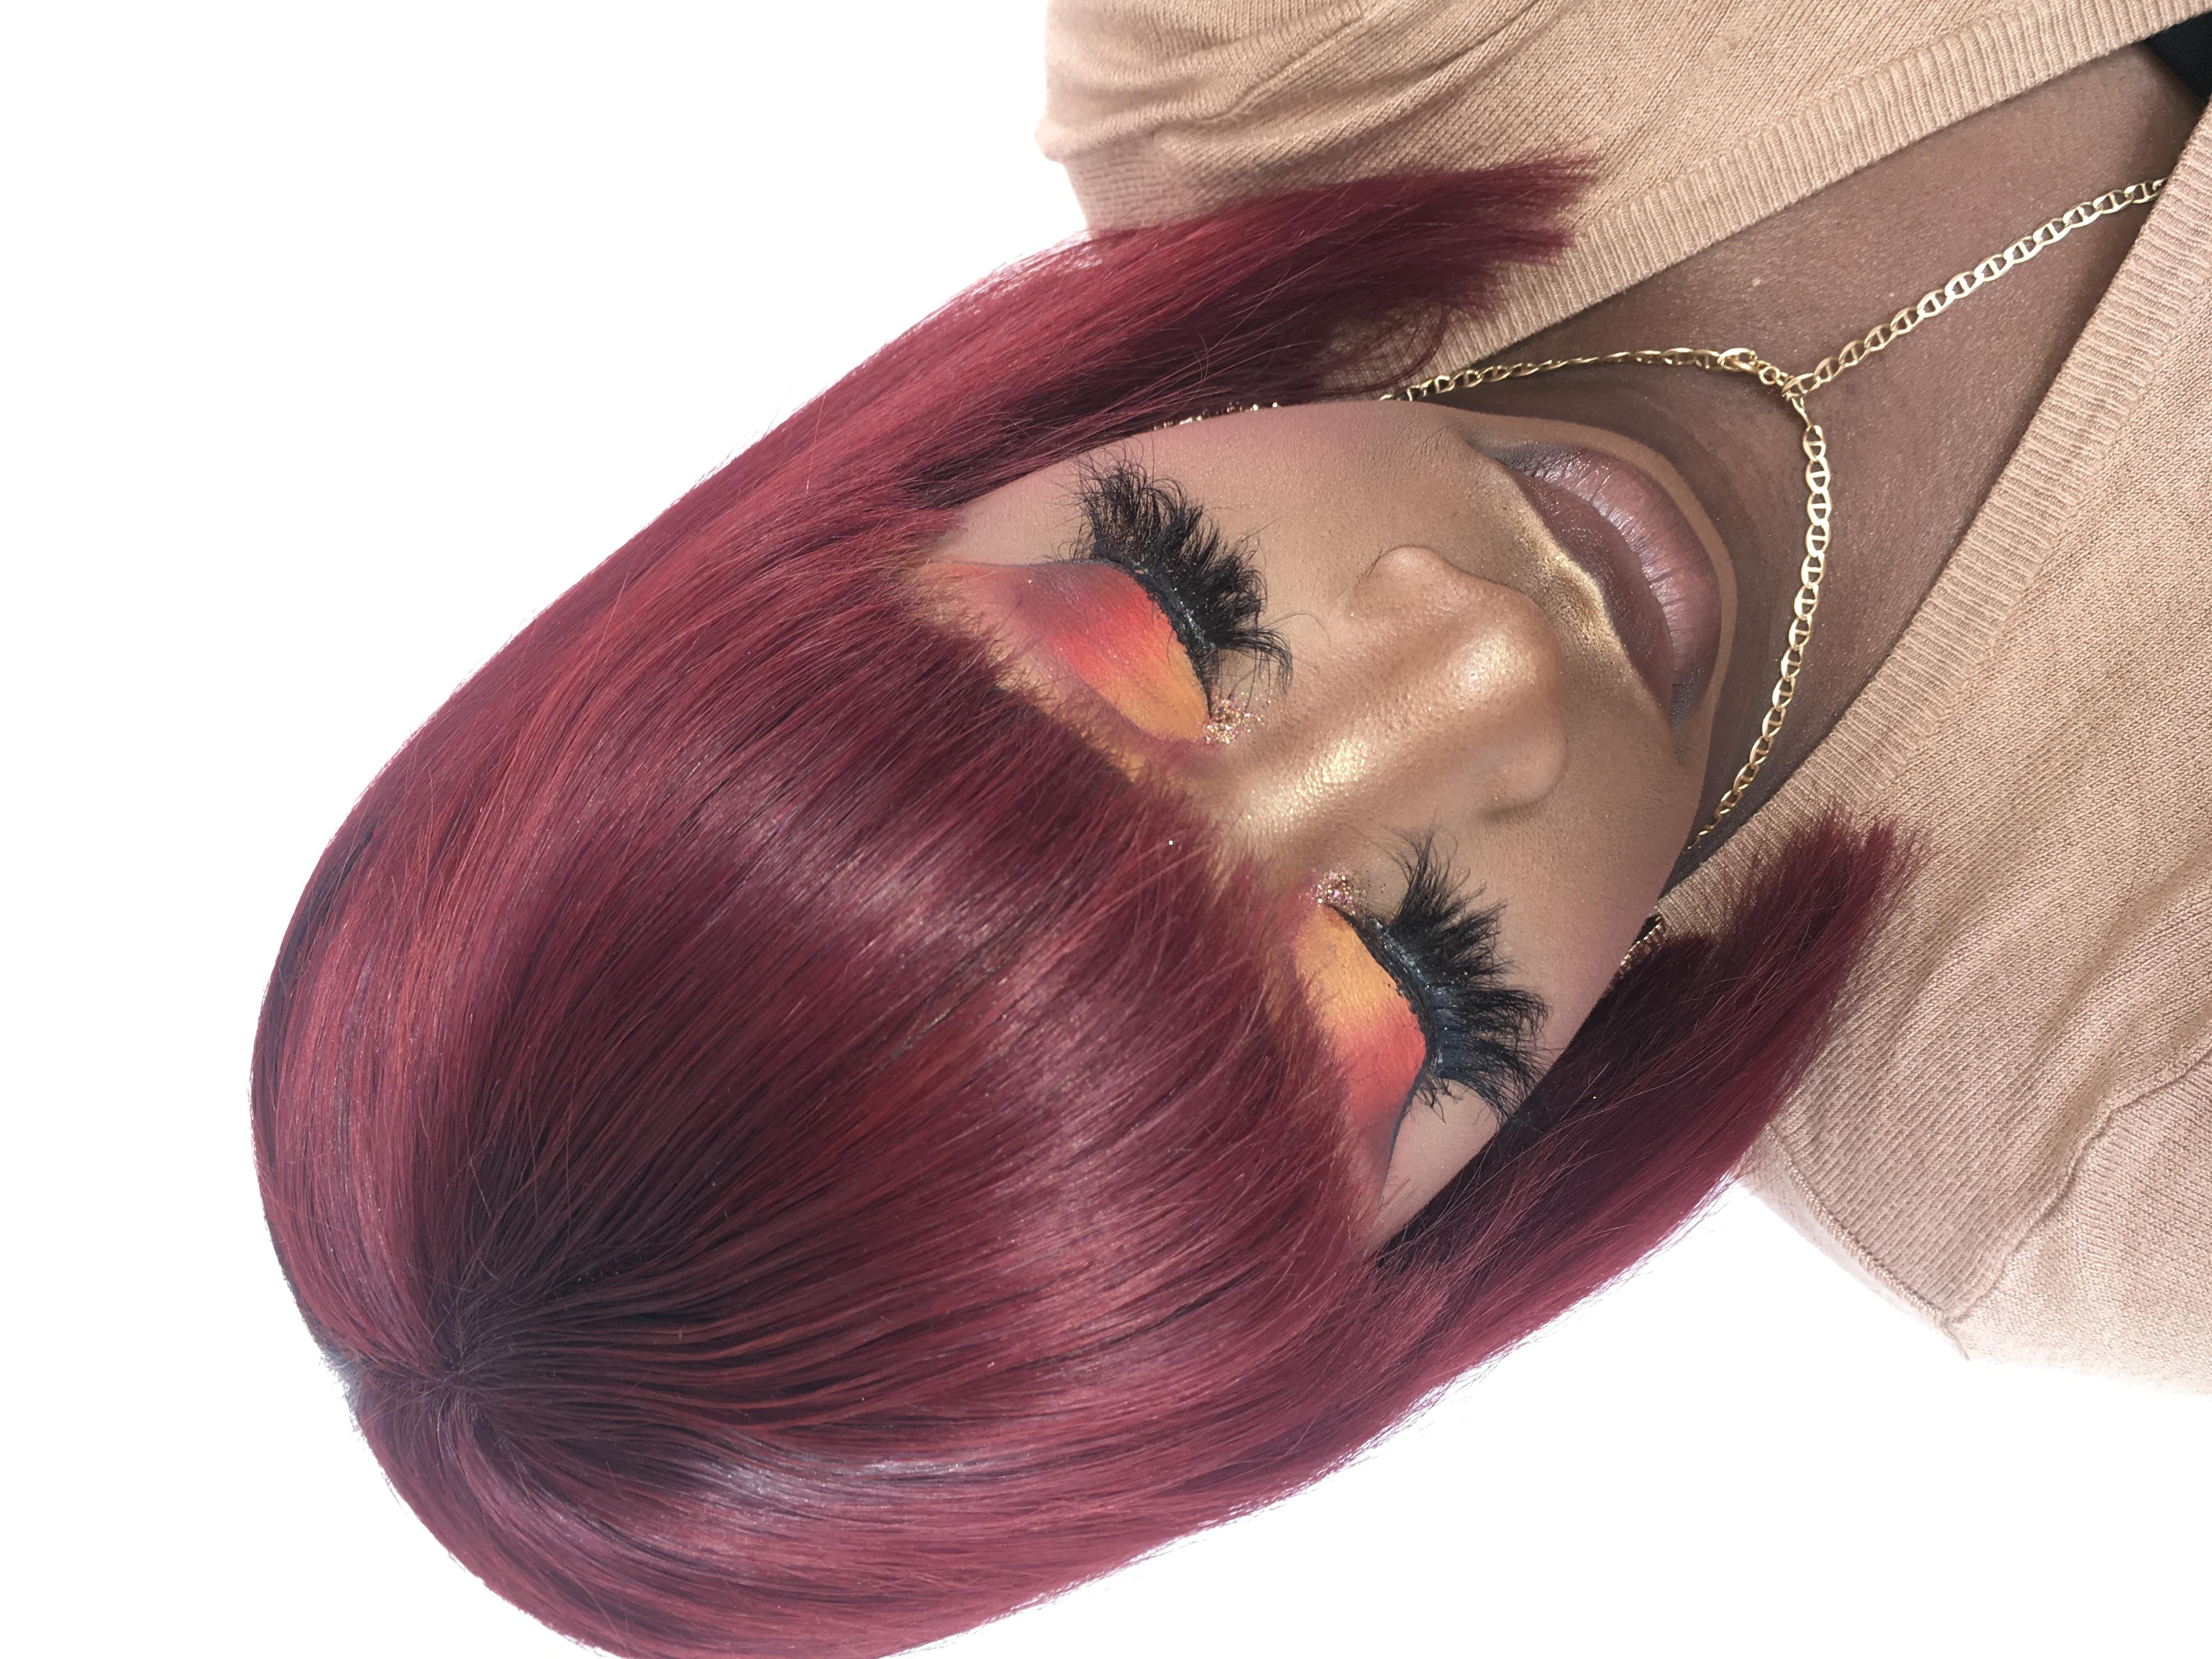 salon de coiffure afro tresse tresses box braids crochet braids vanilles tissages paris 75 77 78 91 92 93 94 95 XOKBUDJX